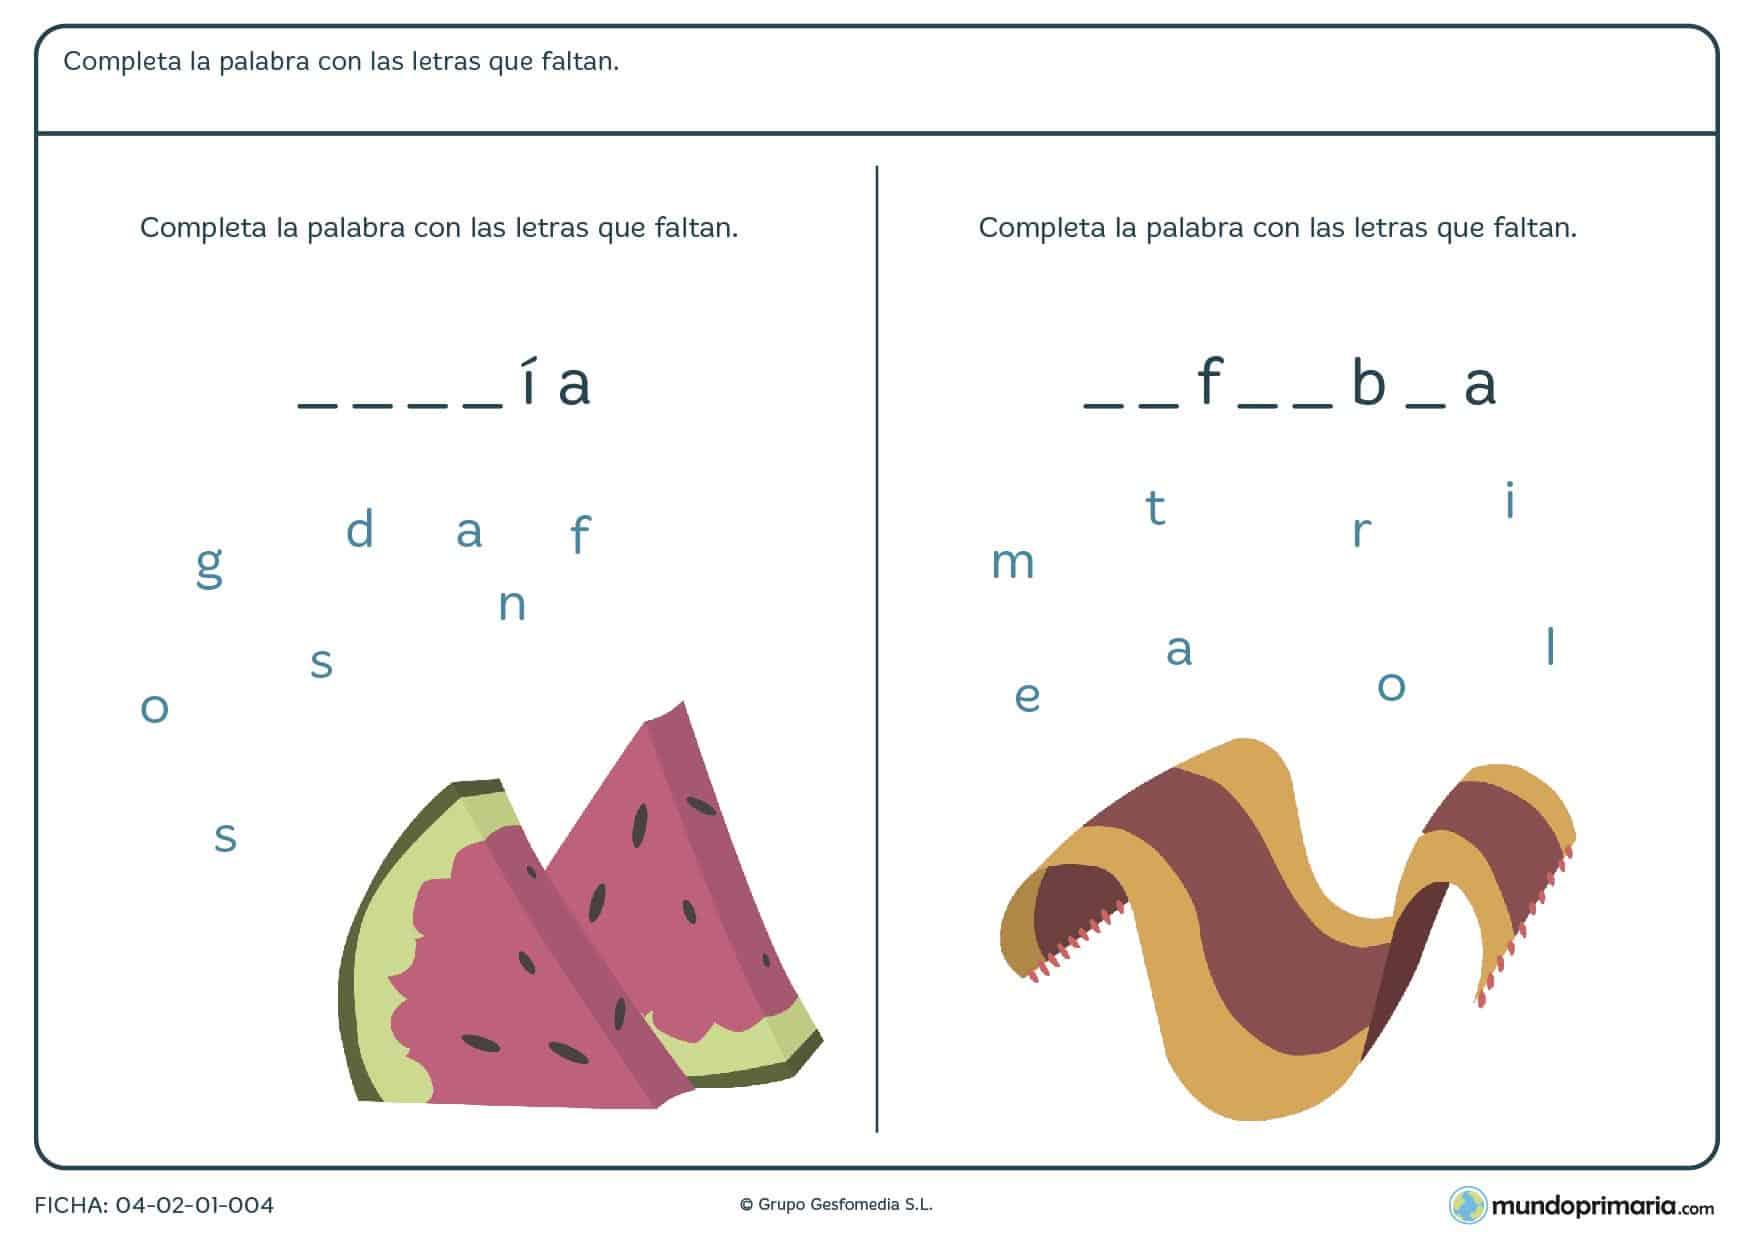 Ficha de rellenar los huecos con las letras correctas para formar palabras para niños de primaria